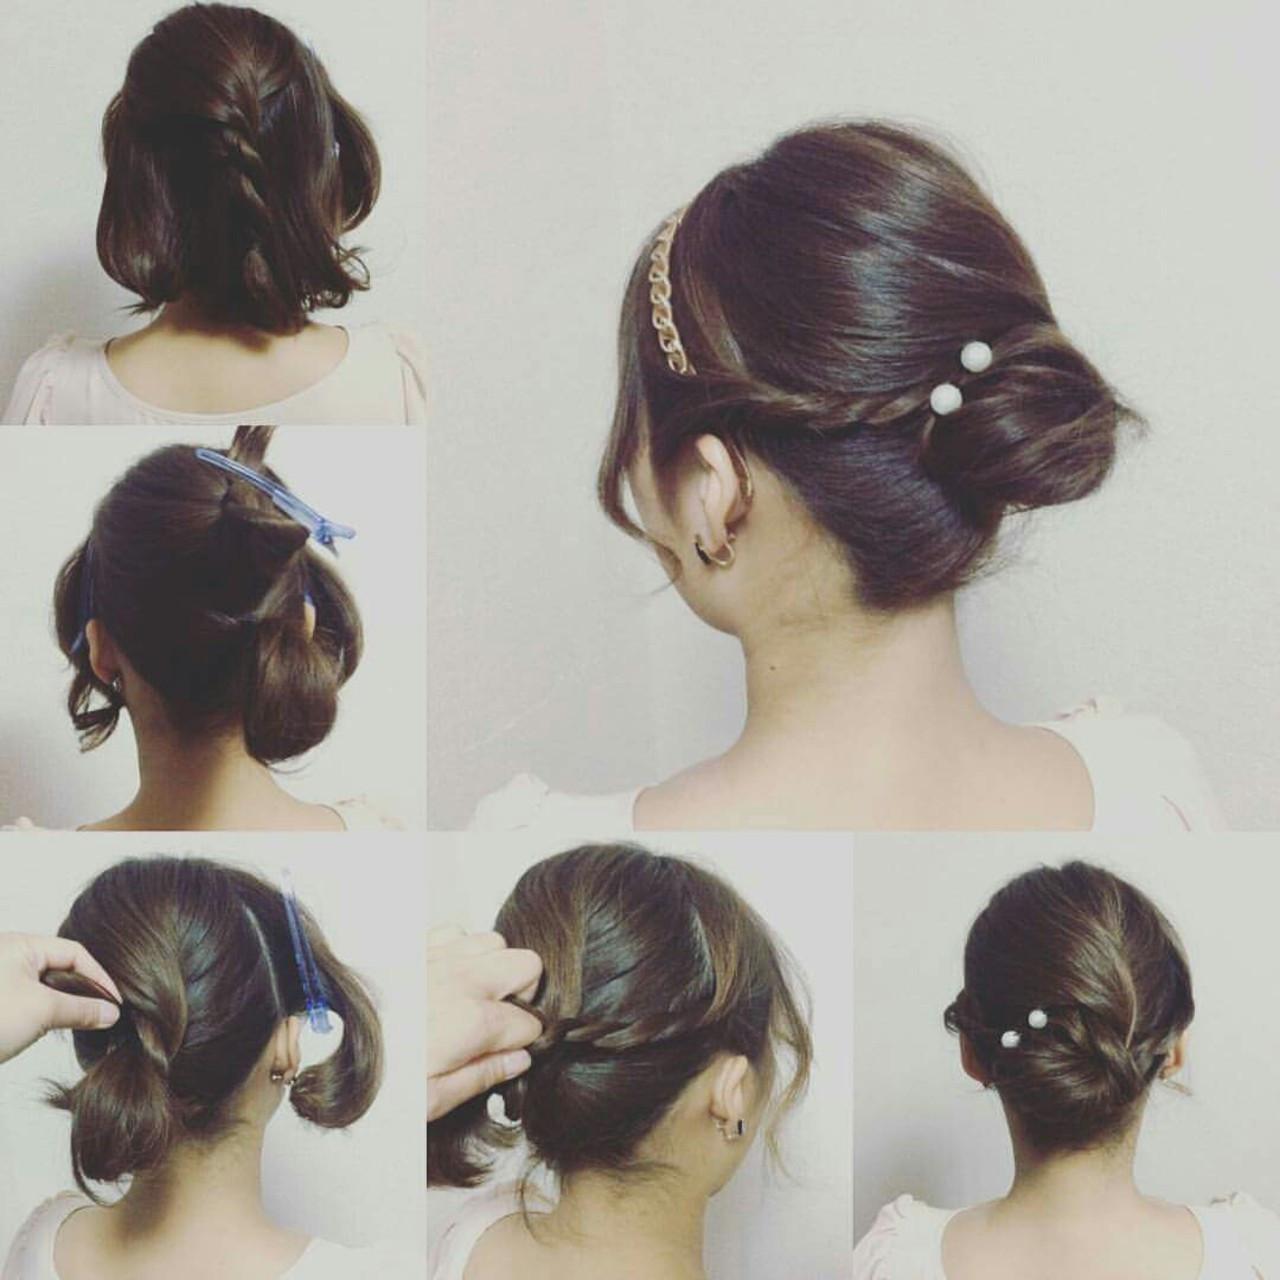 海外女子のヘアアレンジが可愛い♡バリエーション豊富なヘアアレンジ集 Emi Mashima